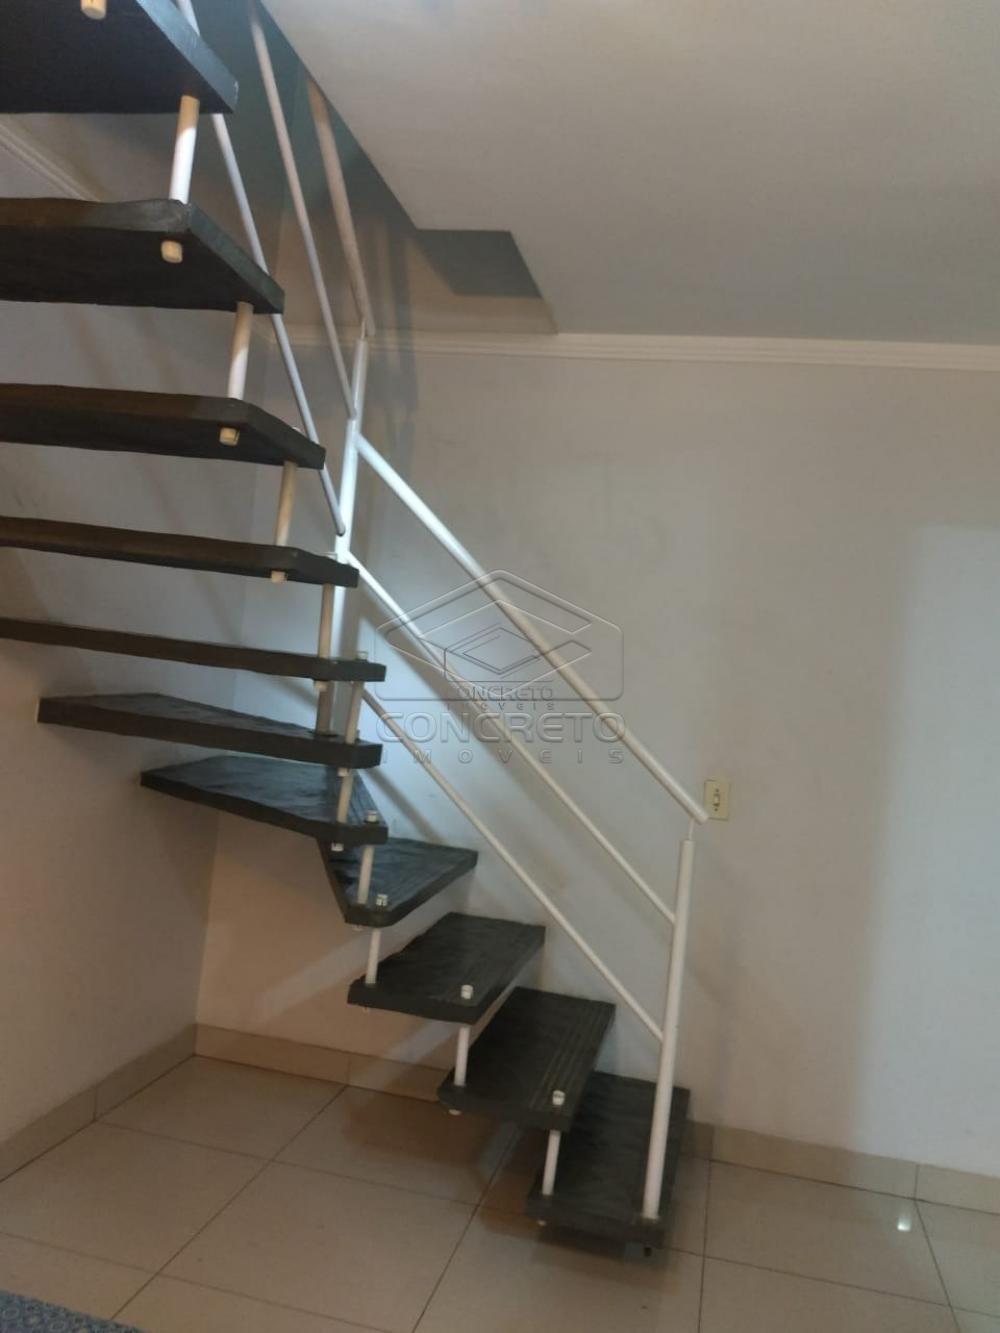 Comprar Apartamento / Padrão em Bauru R$ 280.000,00 - Foto 6